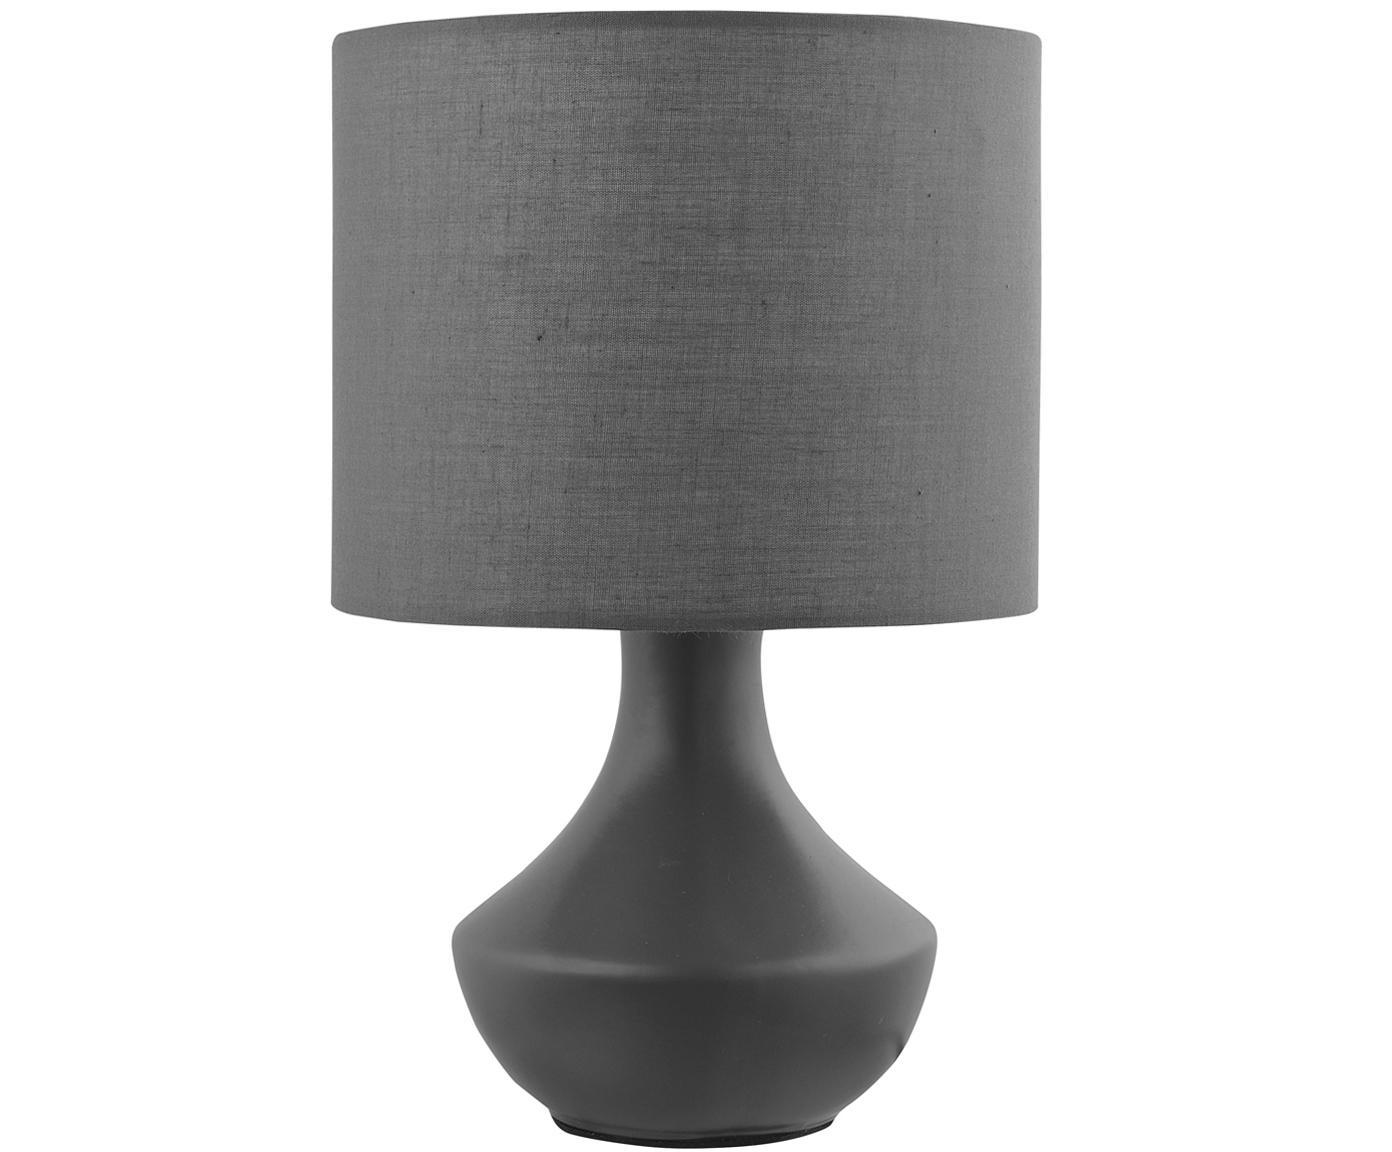 Lampada da tavolo Rosia, Paralume: poliestere, Base della lampada: metallo verniciato, Grigio, Ø 18 x Alt. 26 cm